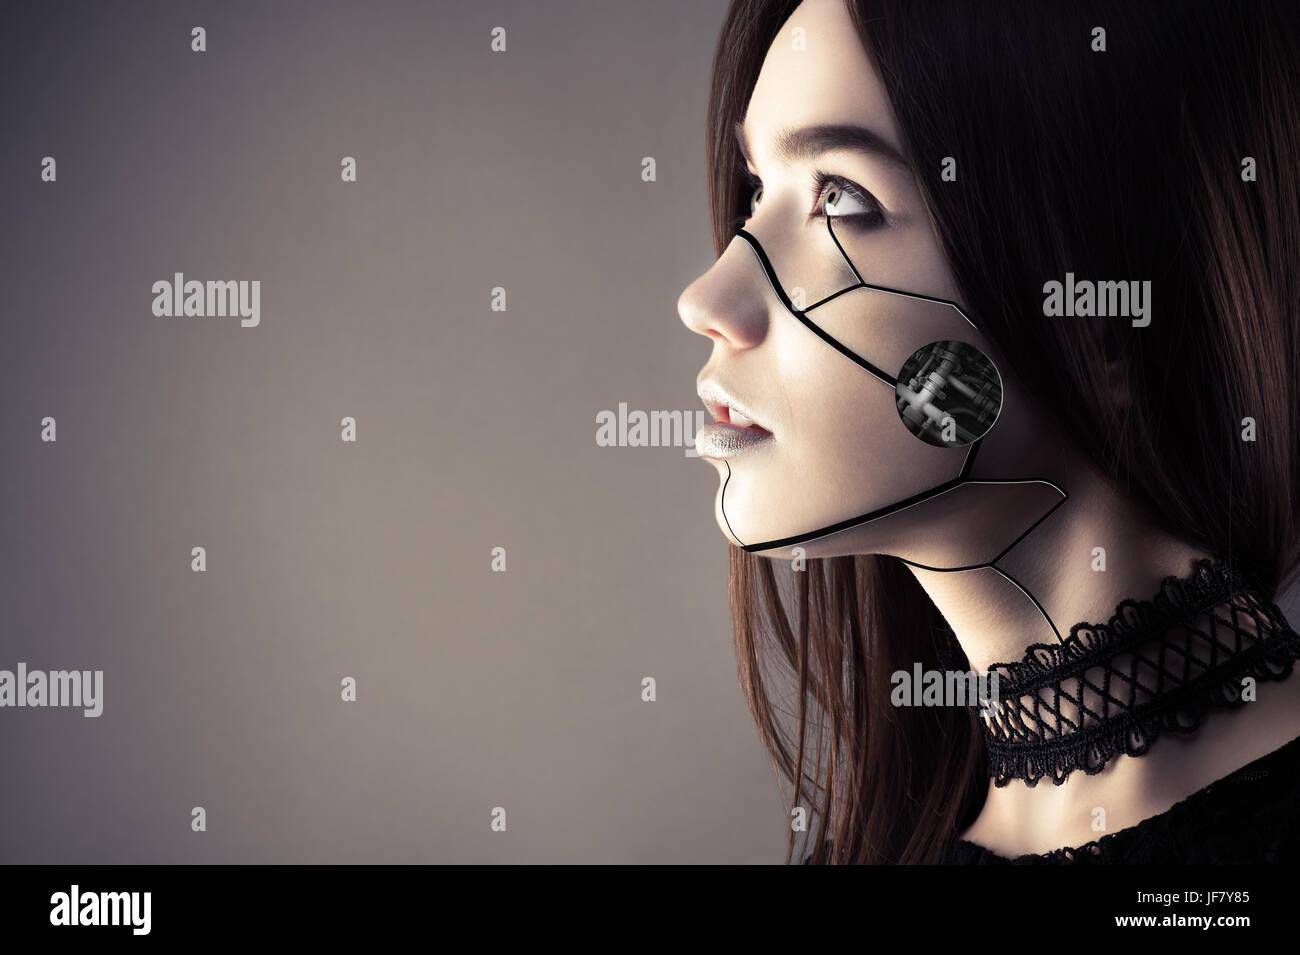 Bella ragazza cyberpunk con il trucco di moda cercando Immagini Stock